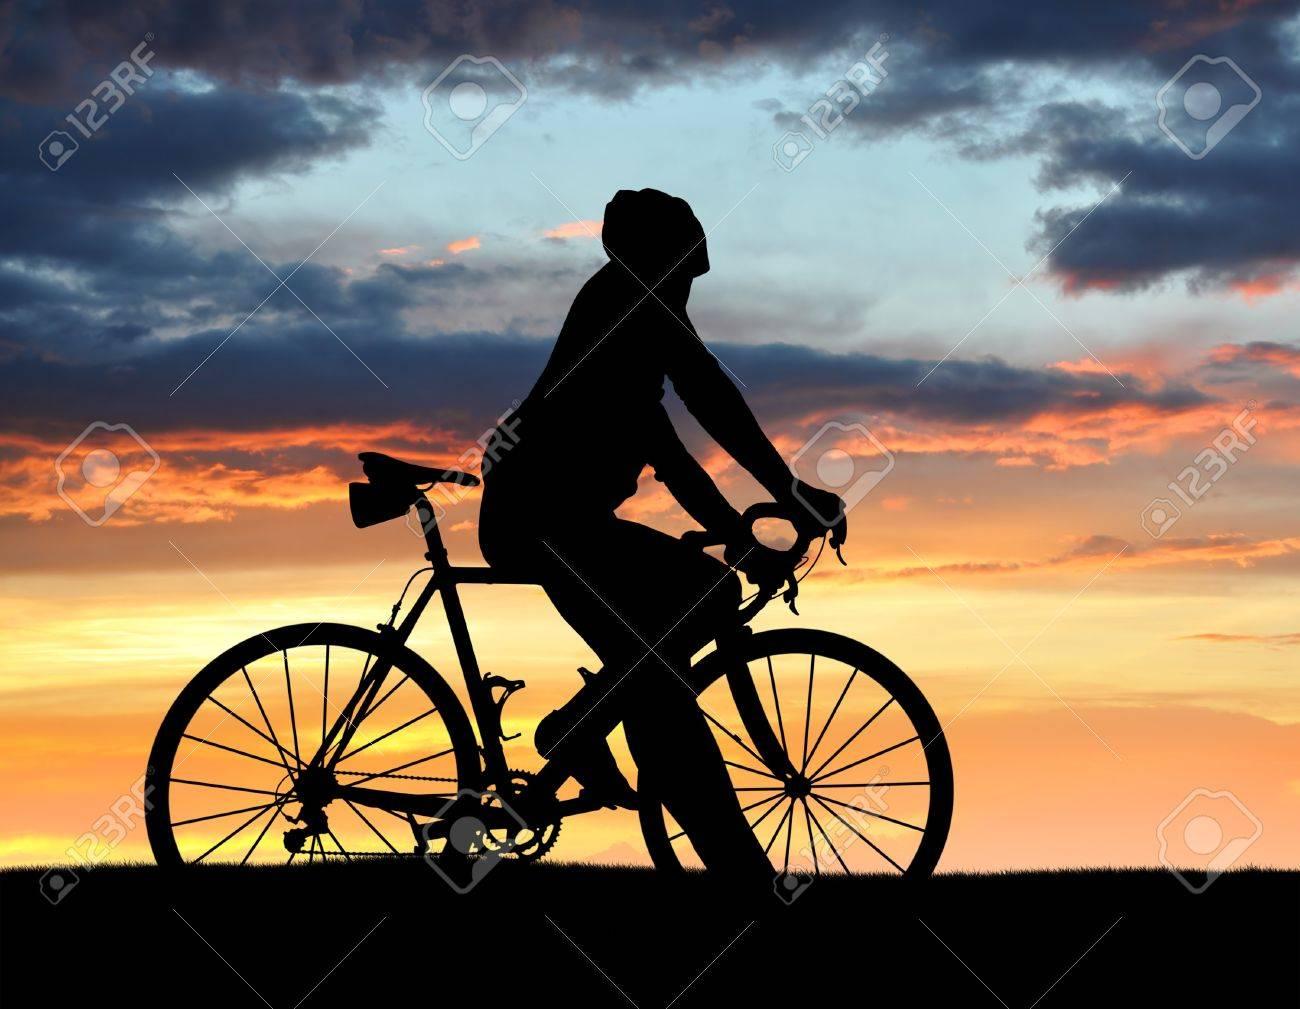 夕暮れ時のロードバイクの自転車のシルエット の写真素材 画像素材 Image